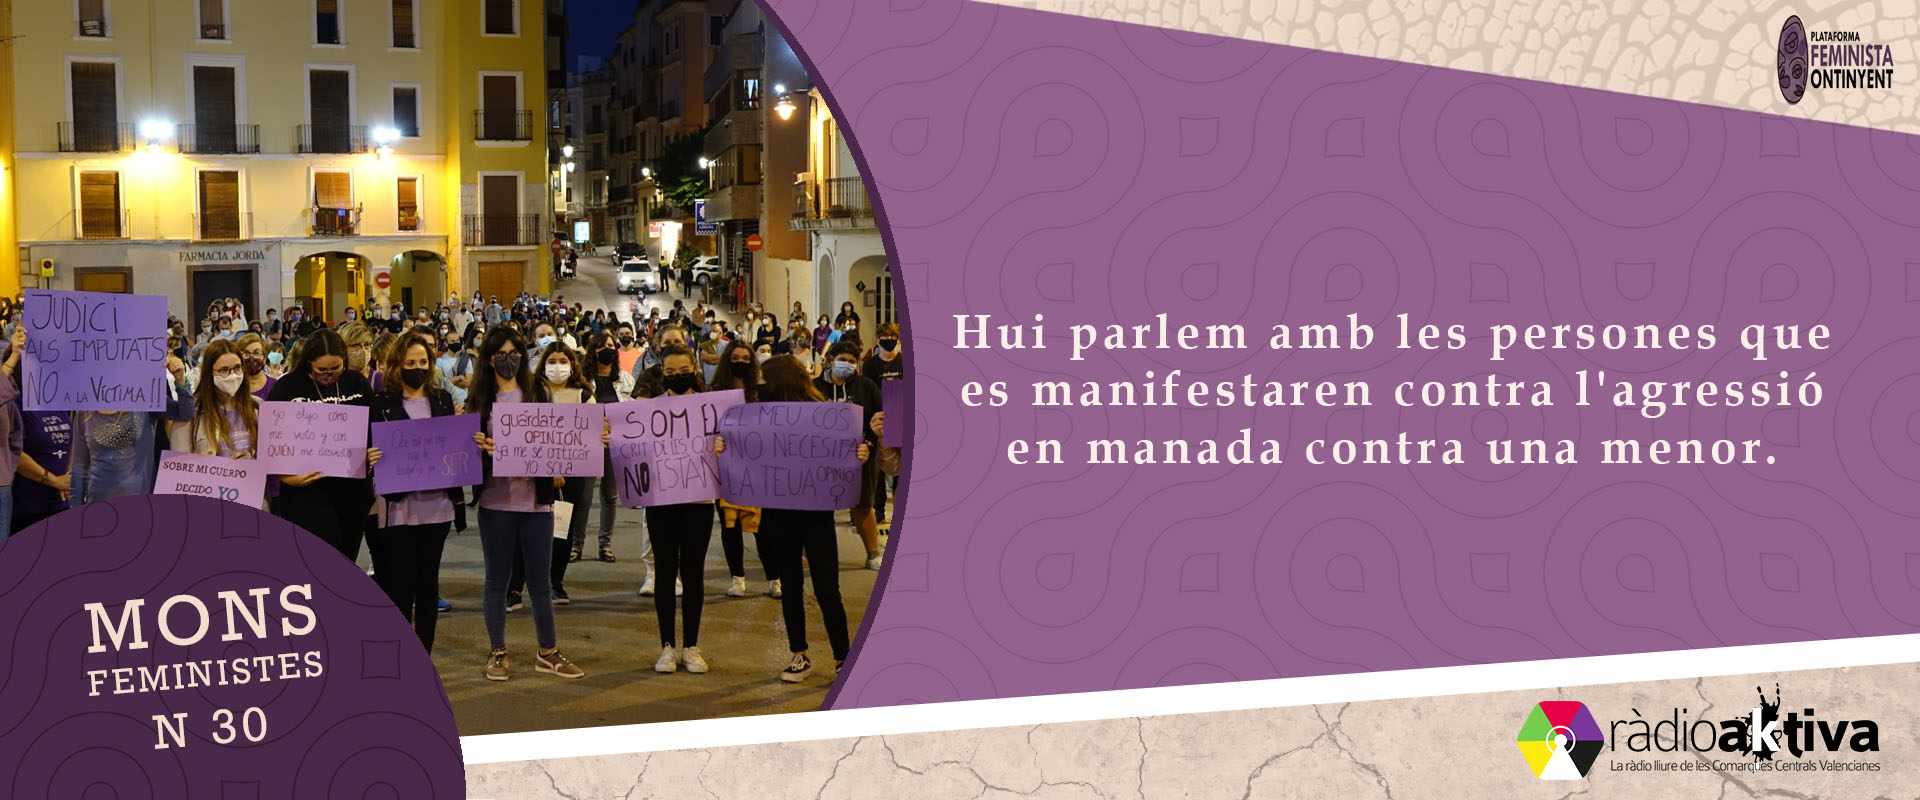 Mons feministes 30